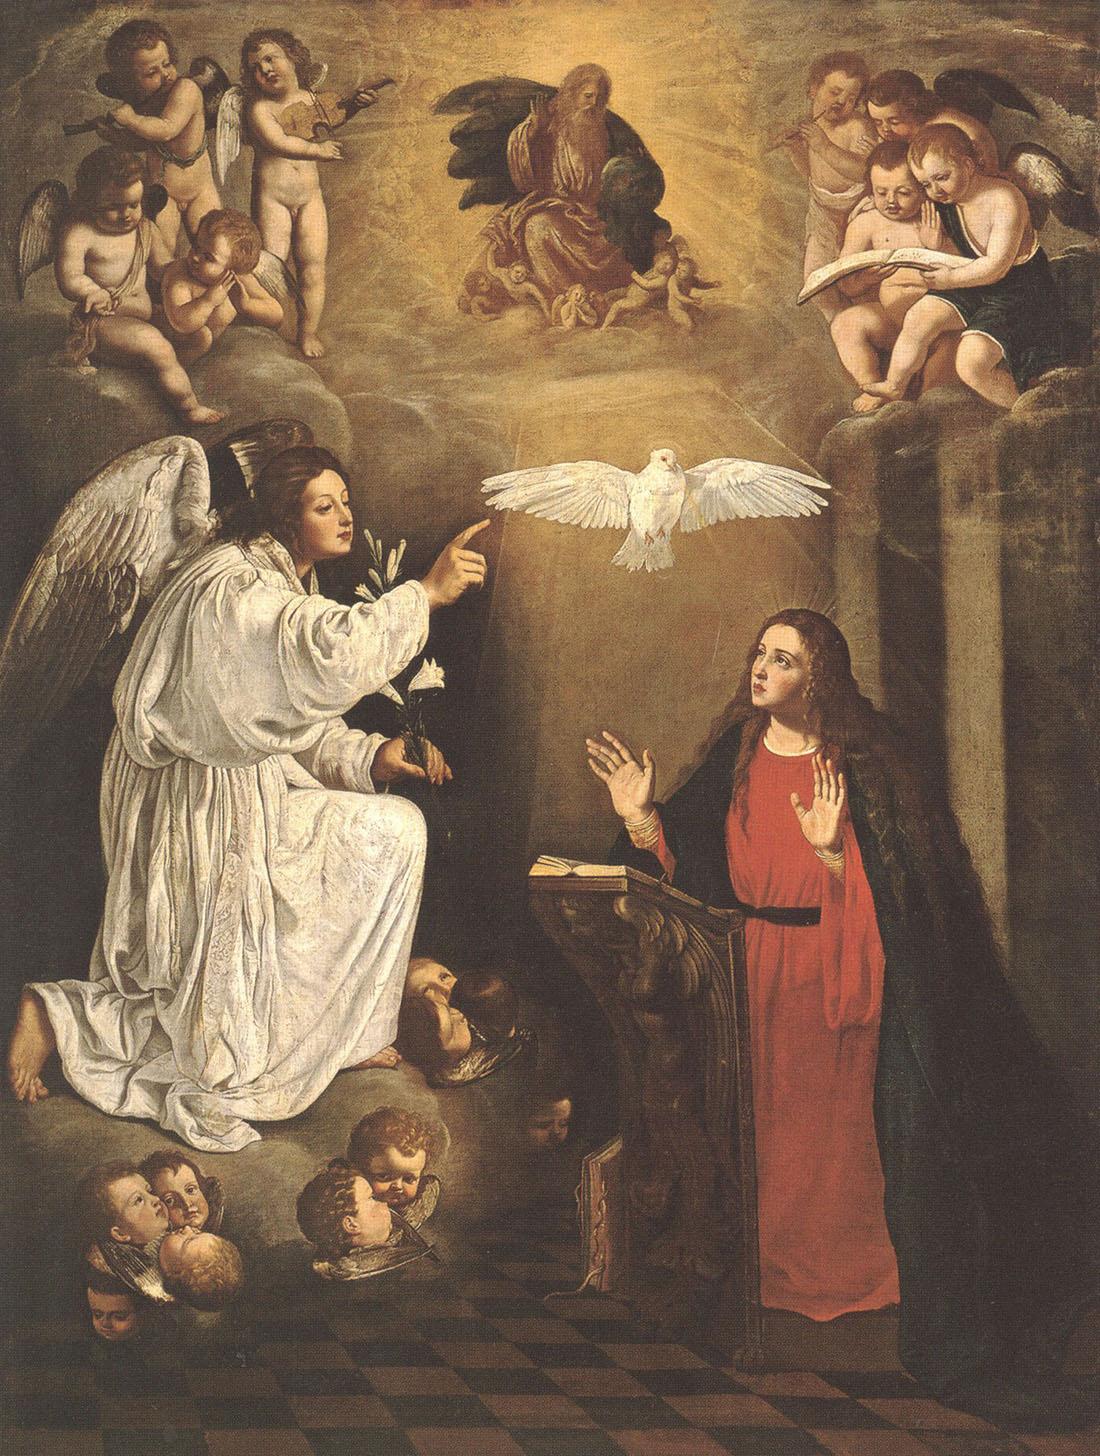 """Педро Нуньес дель Валье. """"Благовещение"""". Между 1623-1630. Эрмитаж, Санкт-Петербург."""